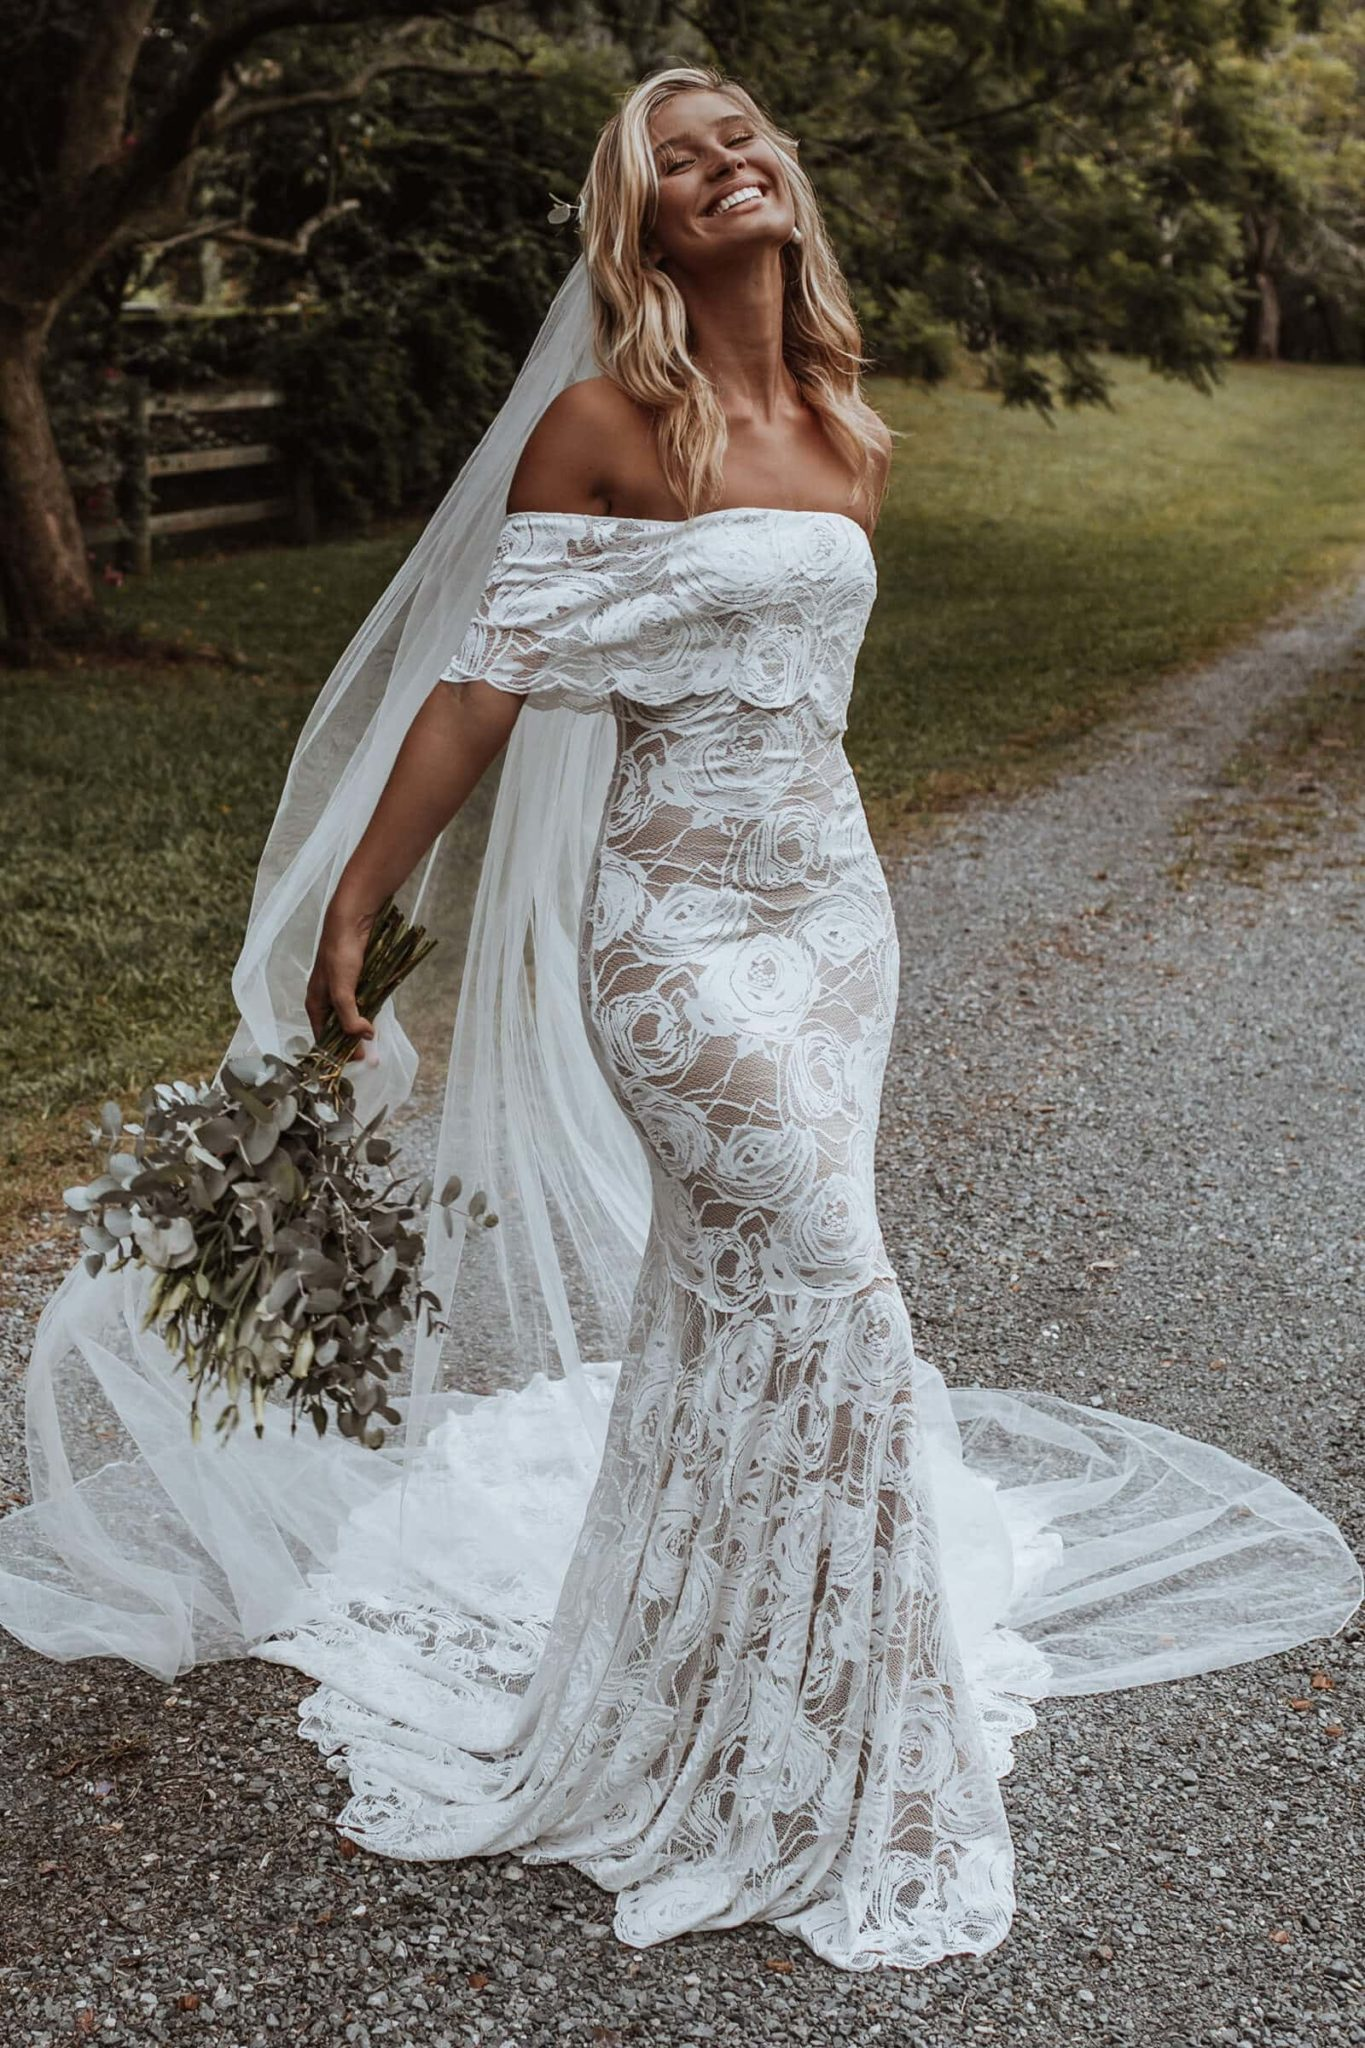 Le voile fait la mariée